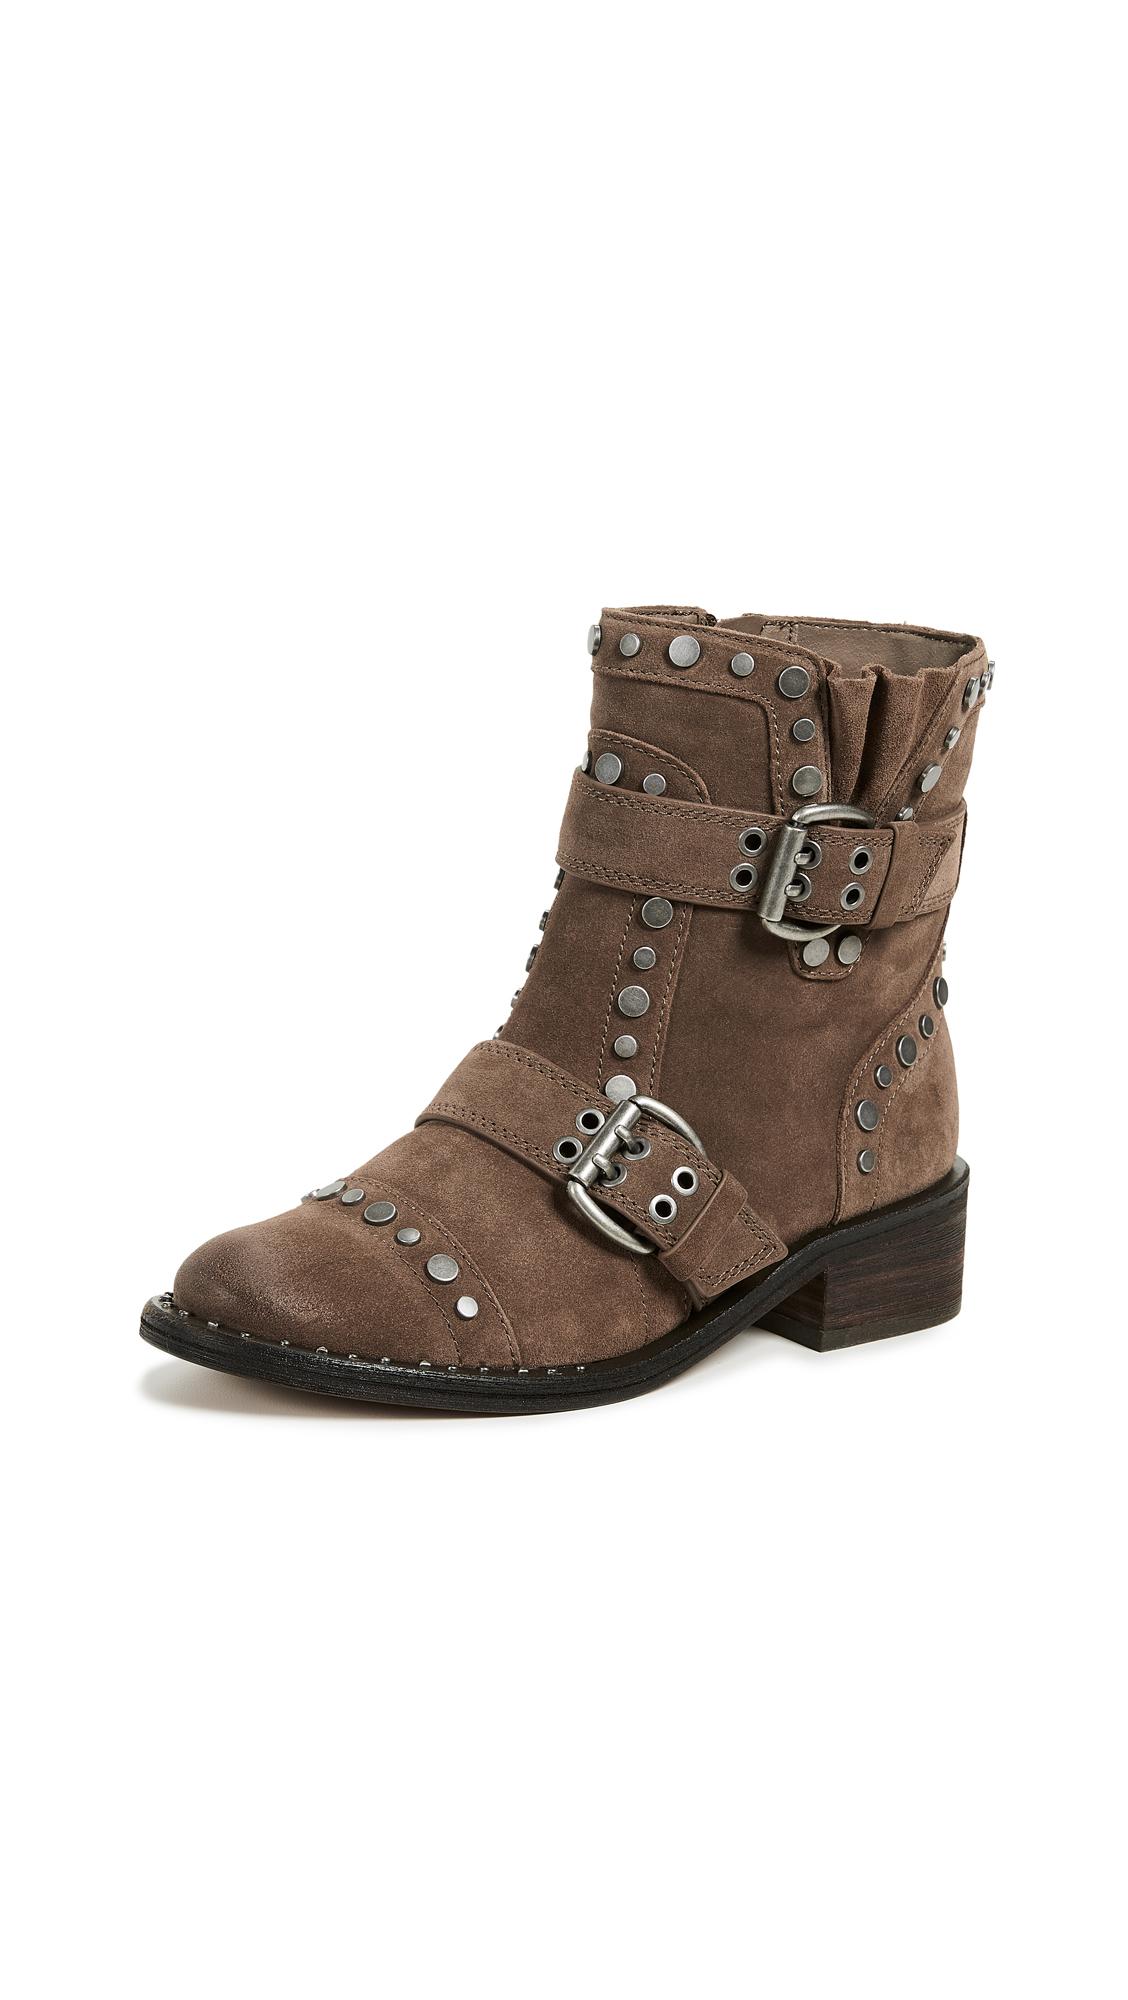 Sam Edelman Drea Boots - Dark Taupe